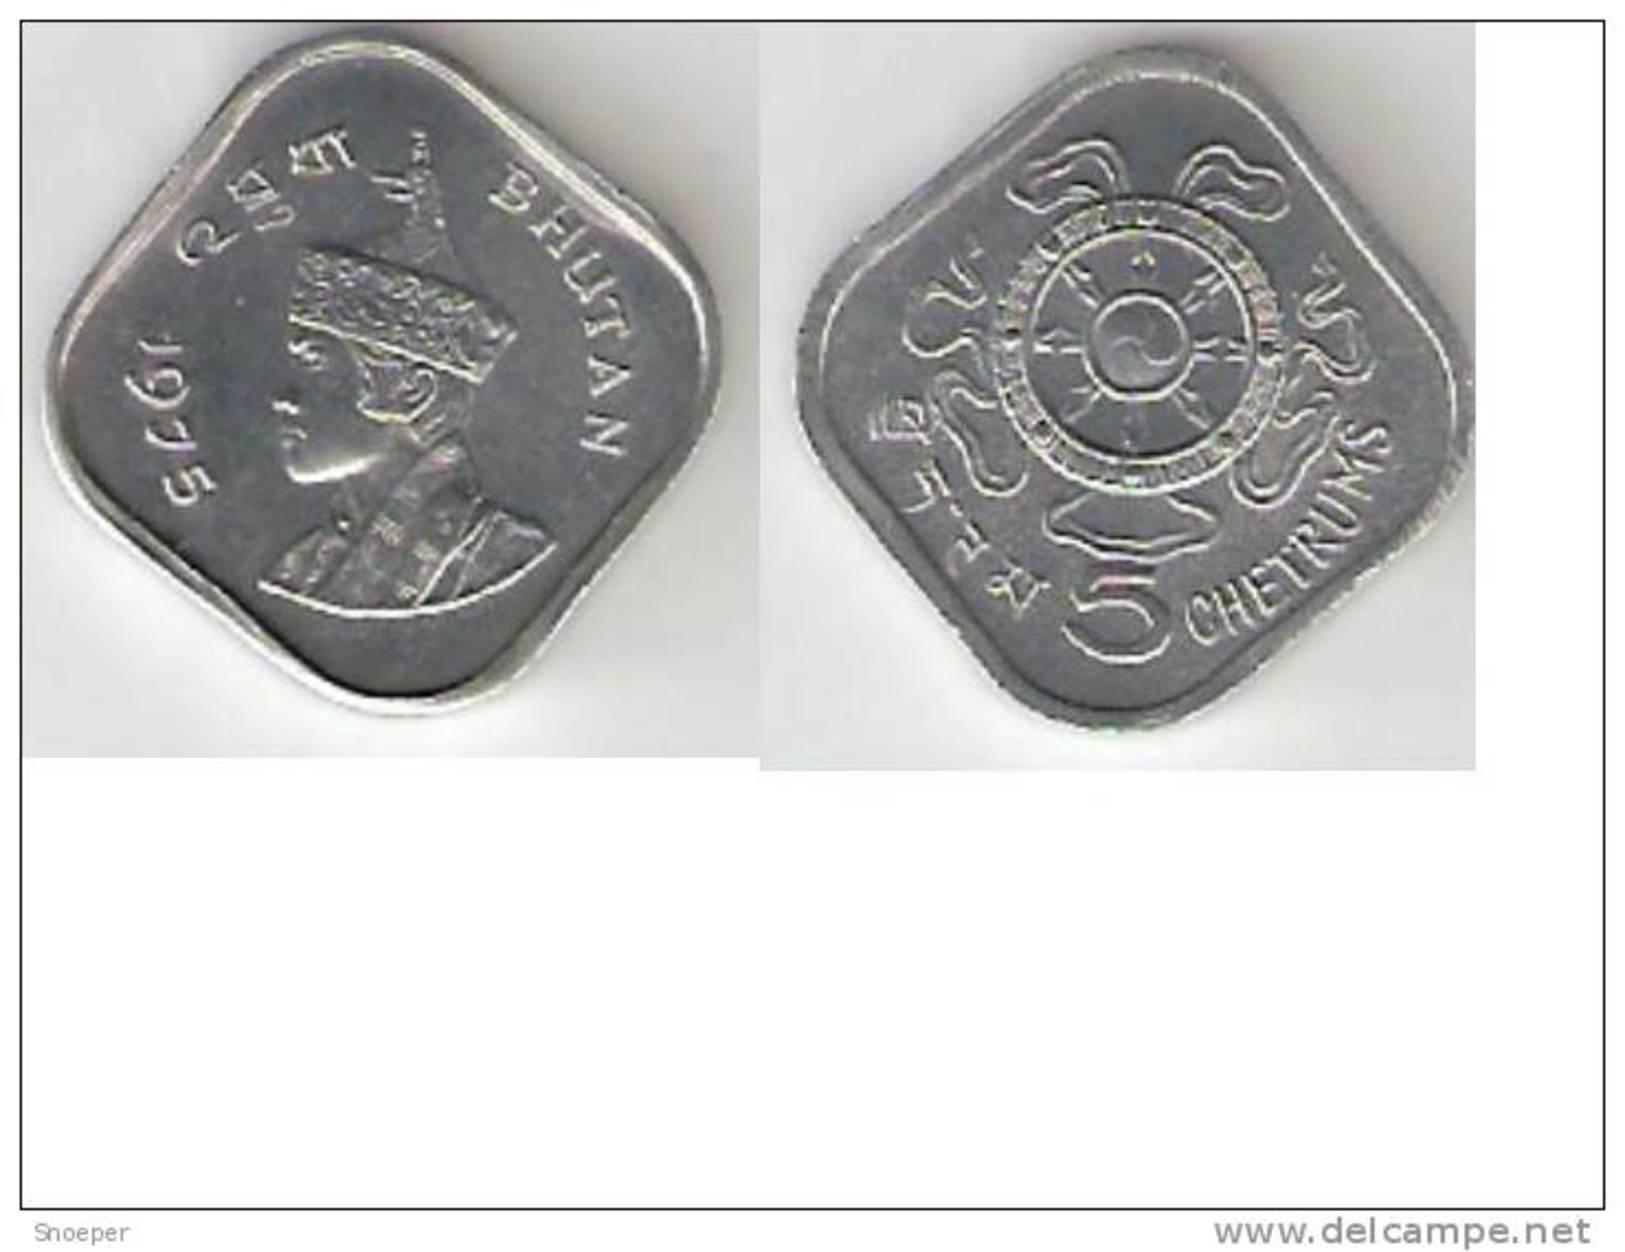 UNC Asia 1PCS Indonesia 25 Rupiah coin